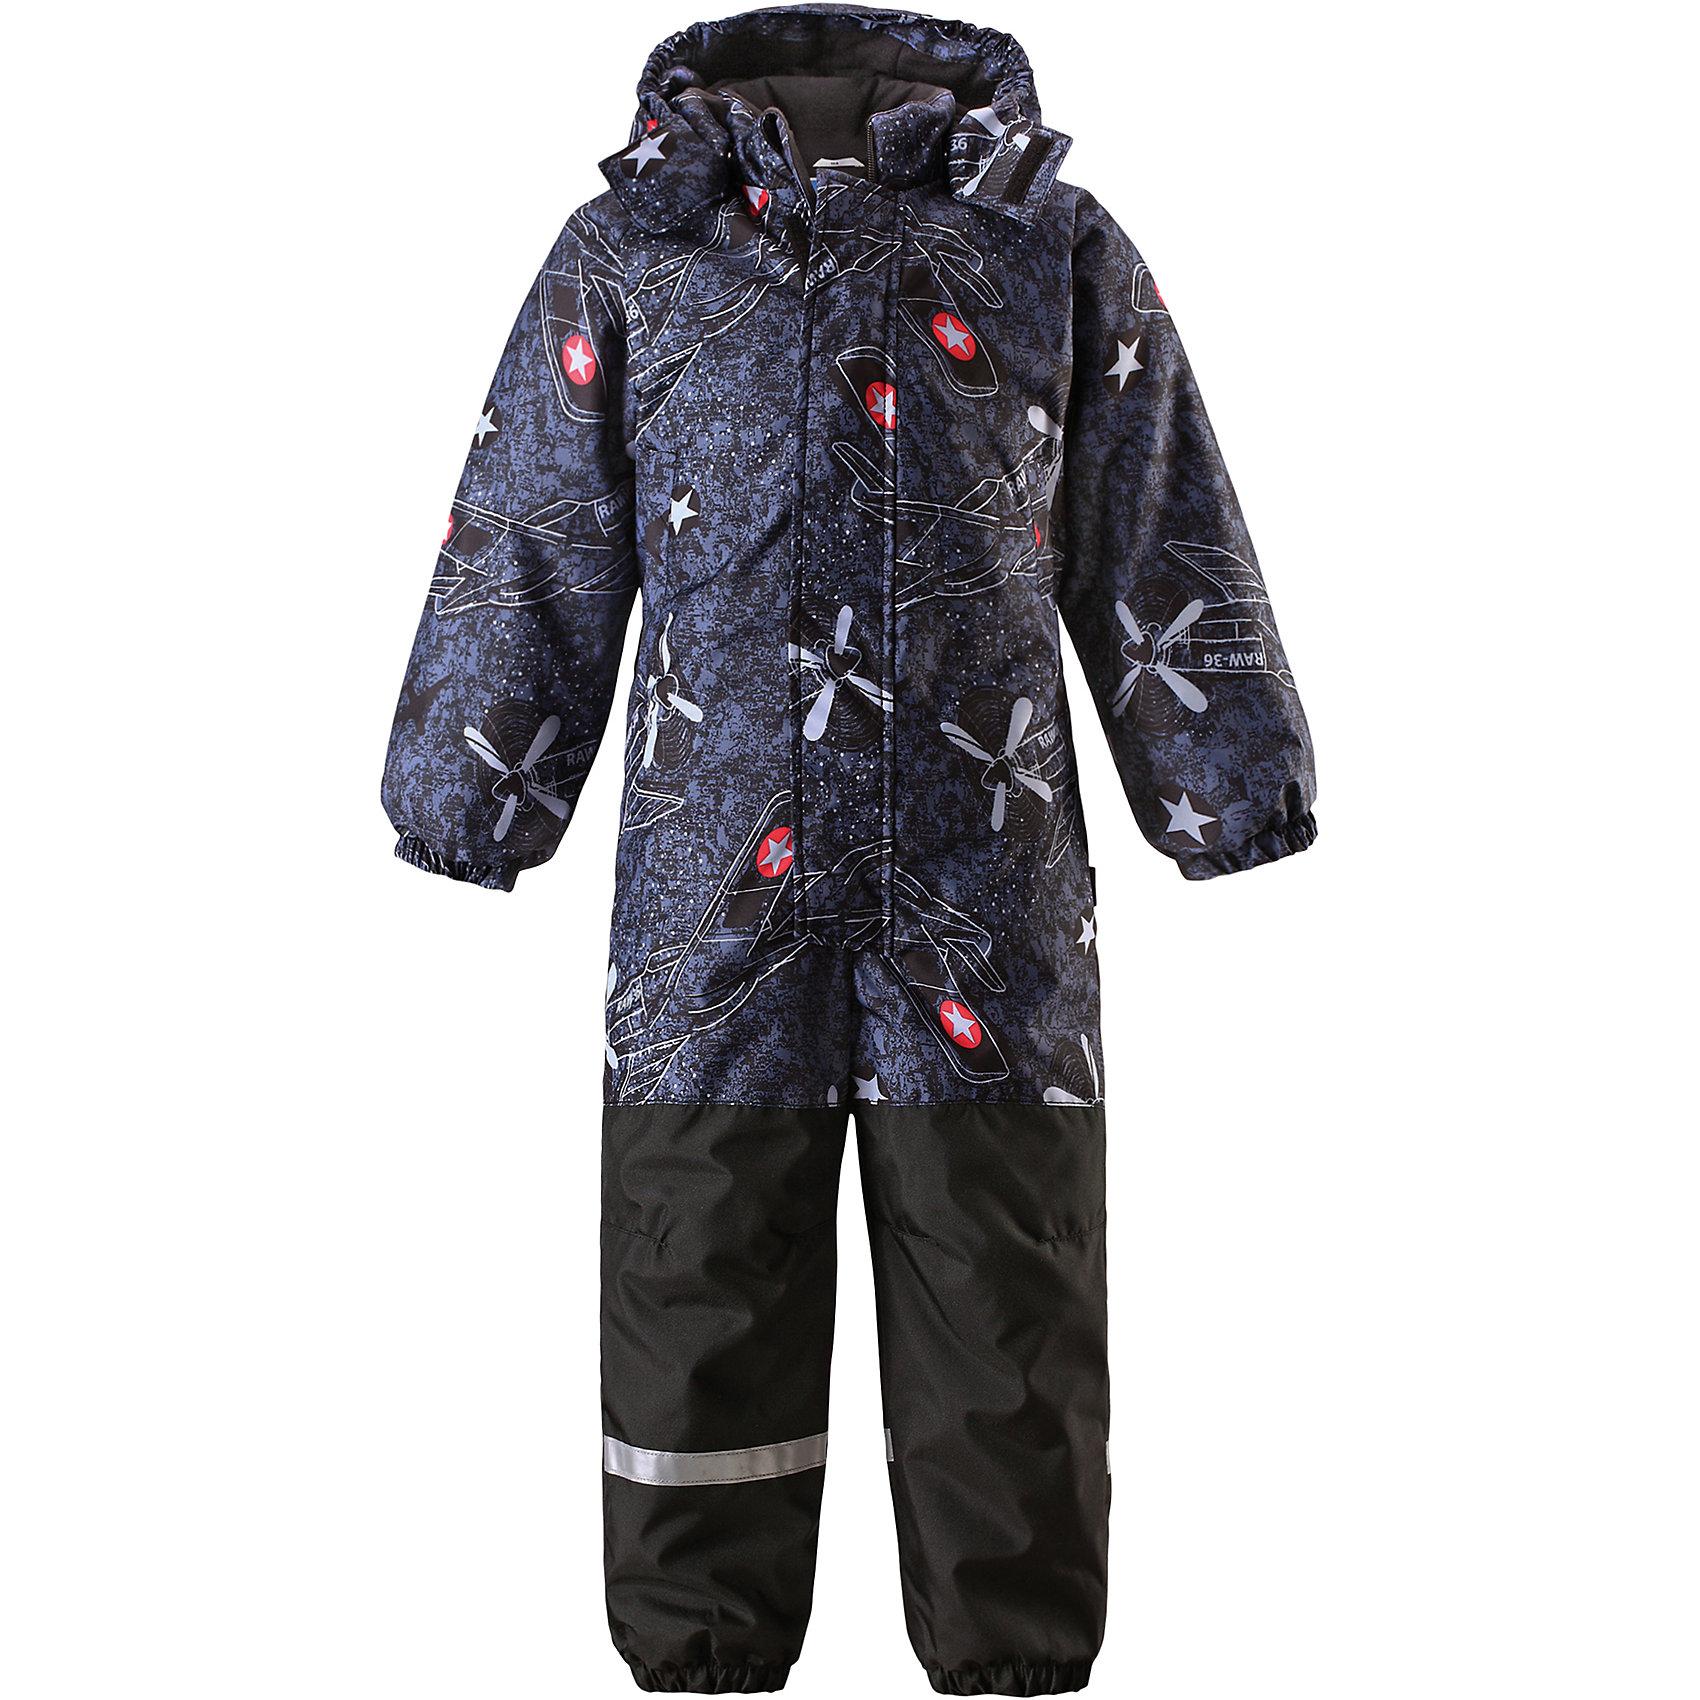 Комбинезон для мальчика LASSIEВерхняя одежда<br>Зимний комбинезон для детей известной финской марки.<br><br>- Прочный материал. Водоотталкивающий, ветронепроницаемый, «дышащий» и грязеотталкивающий материал.<br>-  Задний серединный шов проклеен. Гладкая подкладка из полиэстра. <br>- Средняя степень утепления. <br>- Безопасный, съемный капюшон. Эластичные манжеты. Эластичные штанины.<br>-  Съемные эластичные штрипки. Нагрудный карман на молнии. <br>- Принт по всей поверхности.  <br><br>Рекомендации по уходу: Стирать по отдельности, вывернув наизнанку. Застегнуть молнии и липучки. Соблюдать температуру в соответствии с руководством по уходу. Стирать моющим средством, не содержащим отбеливающие вещества. Полоскать без специального средства. Сушение в сушильном шкафу разрешено при  низкой температуре.<br><br>Состав: 100% Полиамид, полиуретановое покрытие.  Утеплитель «Lassie wadding» 180гр.<br><br>Ширина мм: 356<br>Глубина мм: 10<br>Высота мм: 245<br>Вес г: 519<br>Цвет: темно-синий<br>Возраст от месяцев: 12<br>Возраст до месяцев: 15<br>Пол: Мужской<br>Возраст: Детский<br>Размер: 80,122,128,86,92,98,104,110,116<br>SKU: 4782018